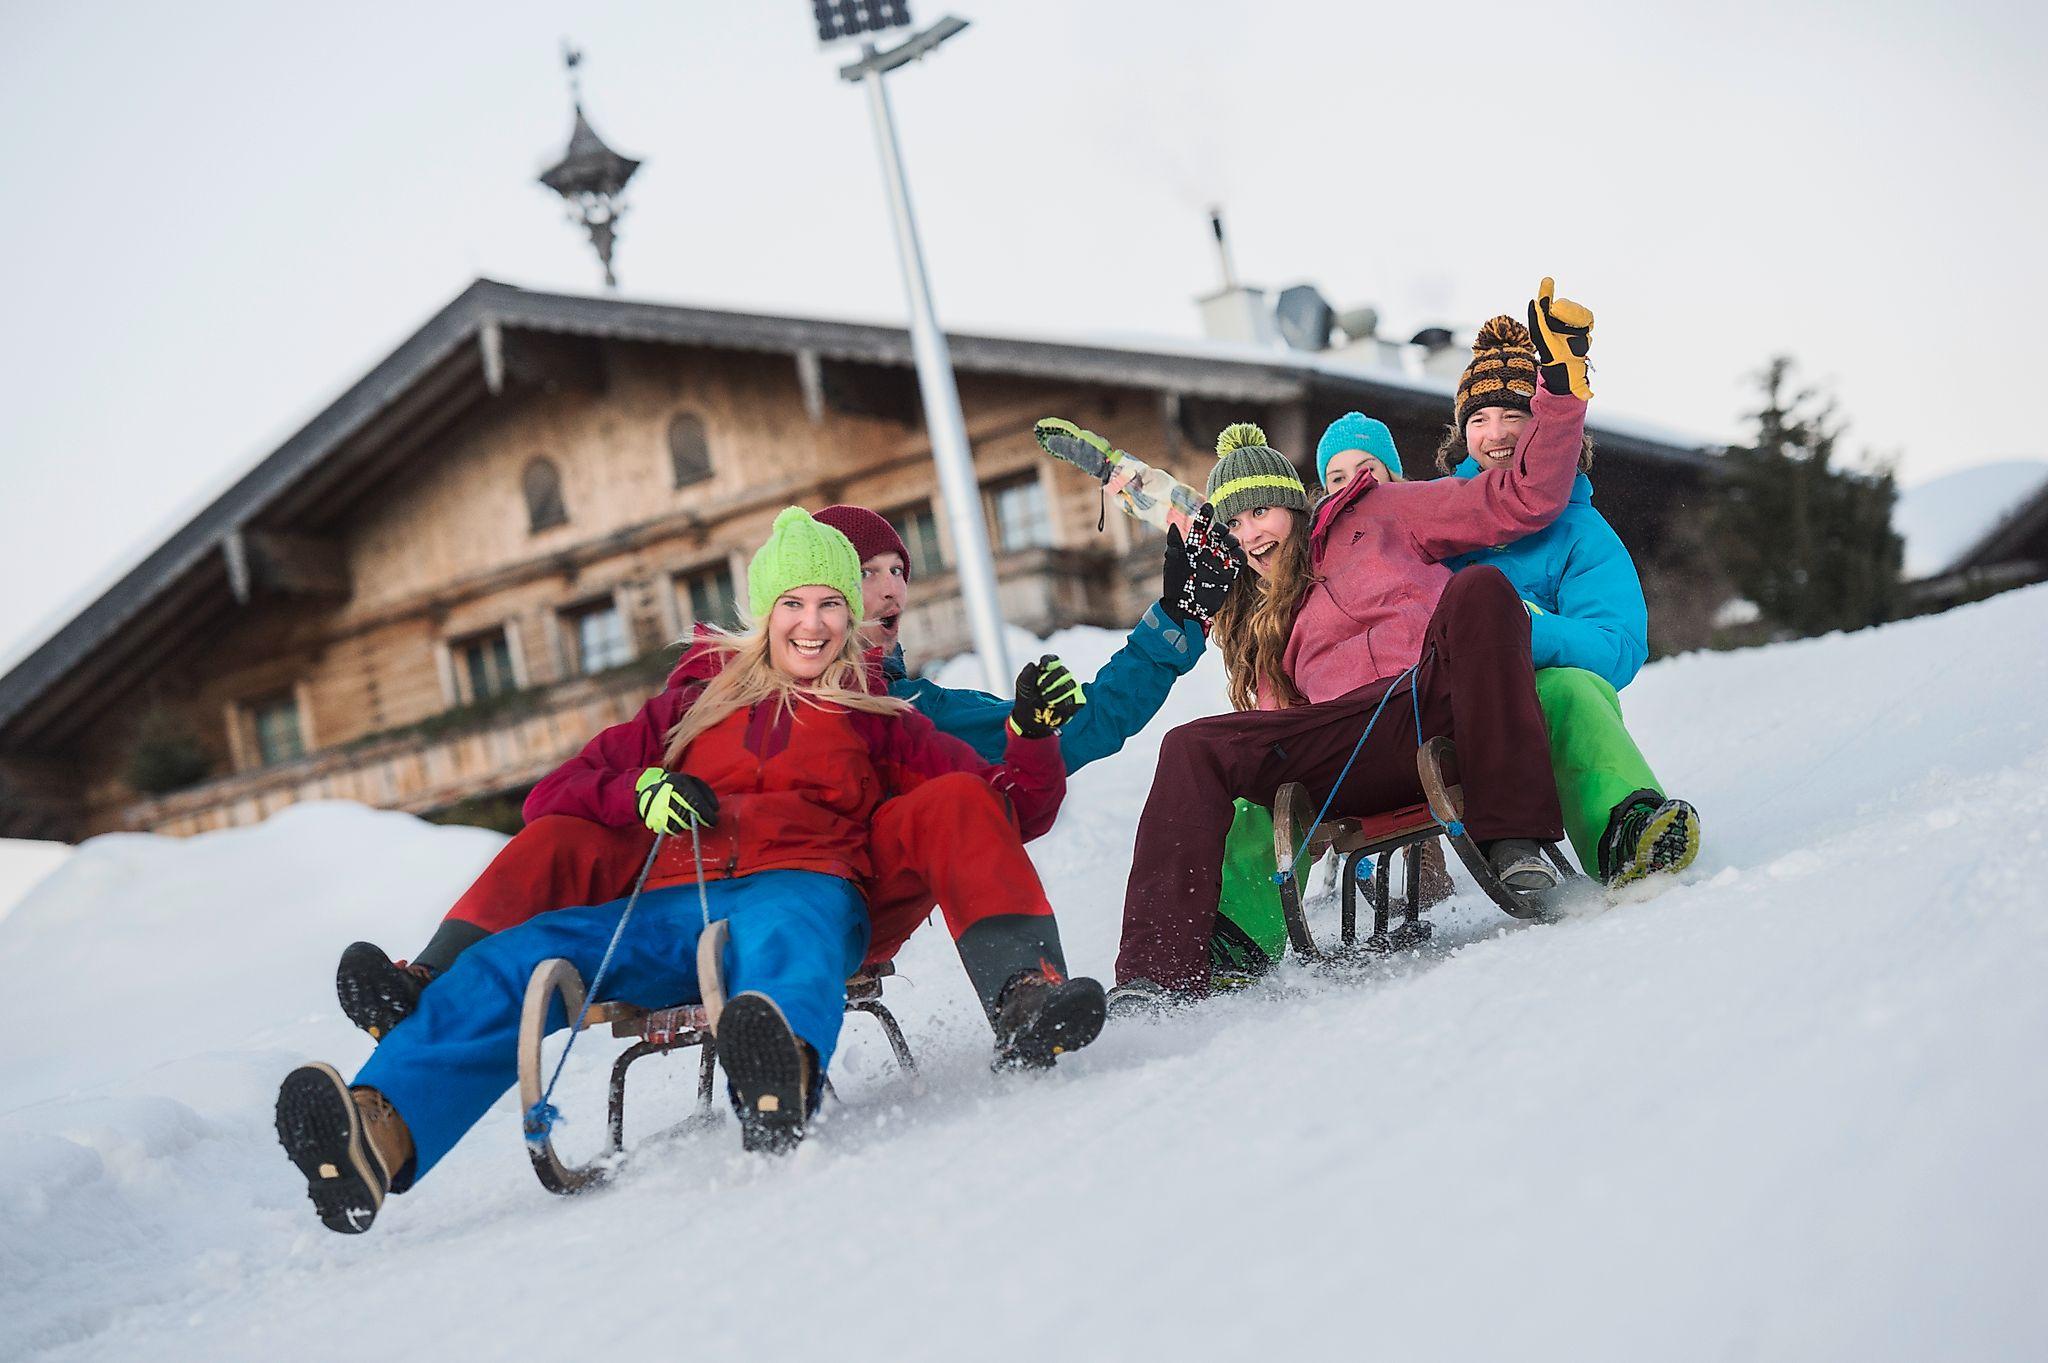 <p>Was wäre ein Winterurlaub ohne Rodeln? Eine lustige Rodelpartie solltet ihr keinesfalls auslassen.</p>